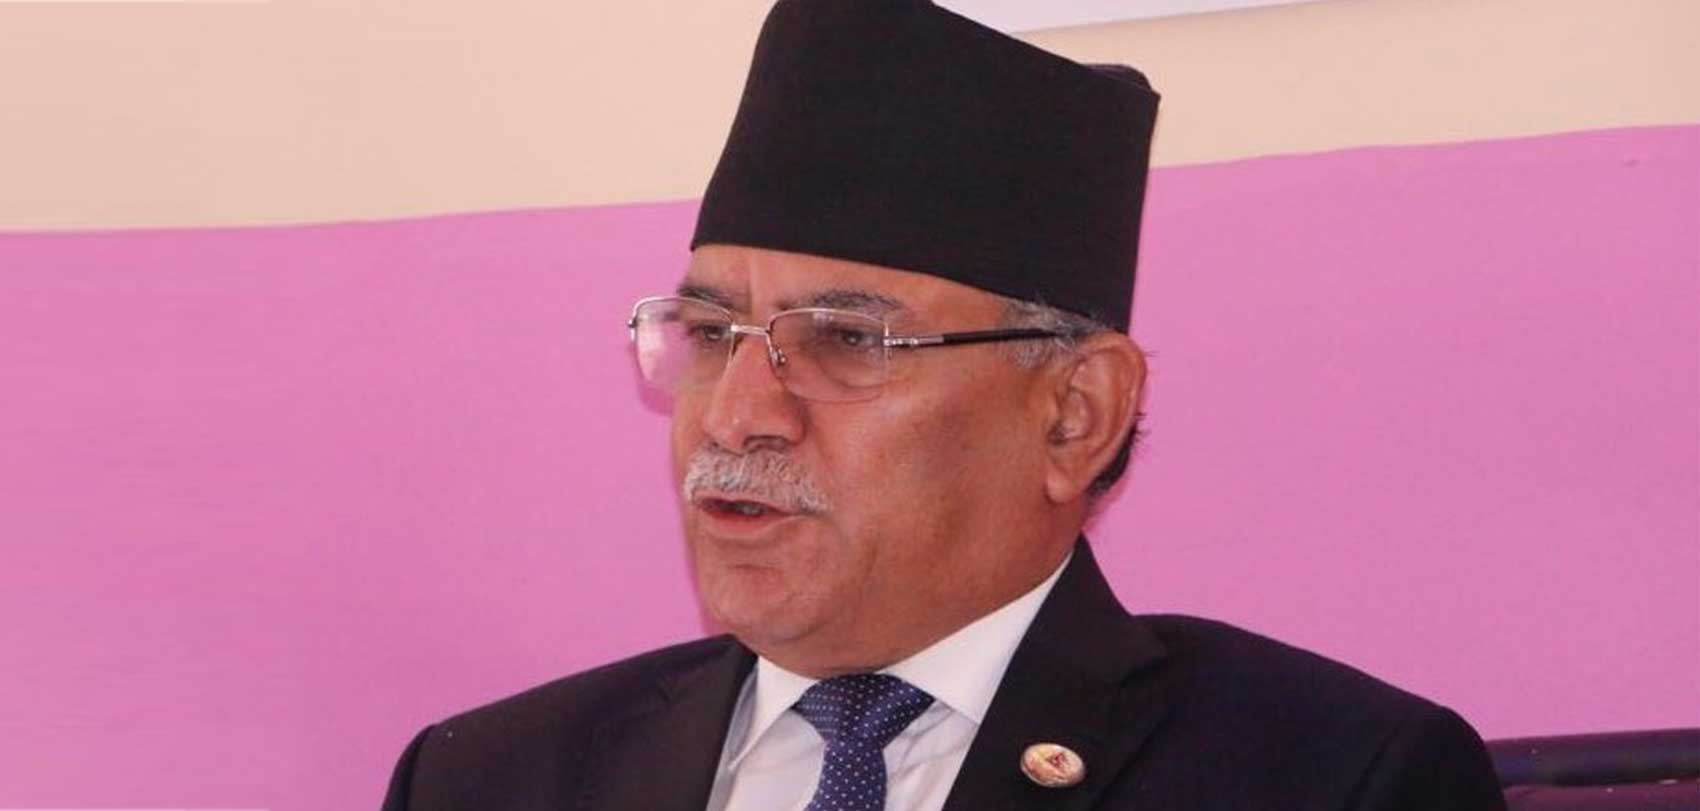 नेपाल पक्षको बैठक जारी रहँदा अध्यक्ष दाहाल सिंहदरबारमा